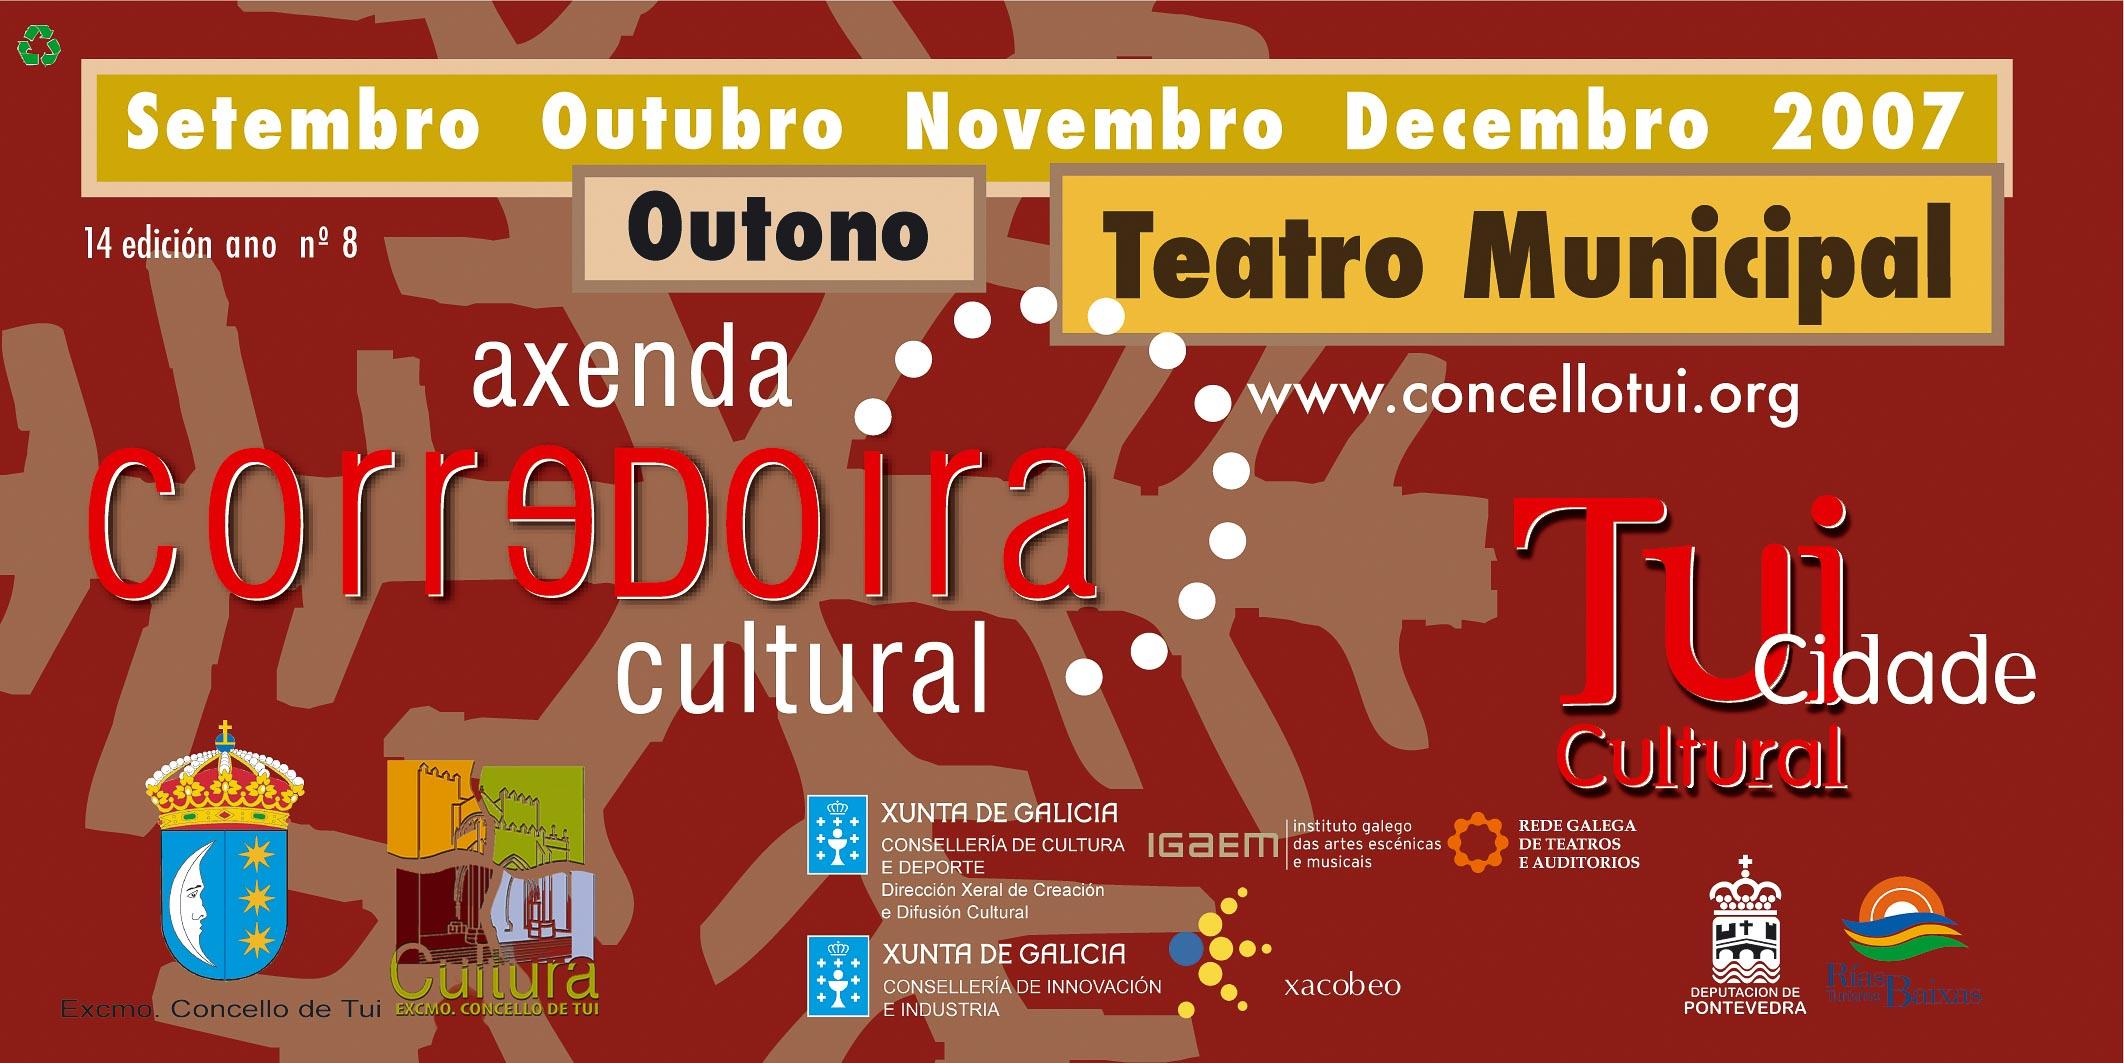 concello-de-tui-2007 2º portada teatro